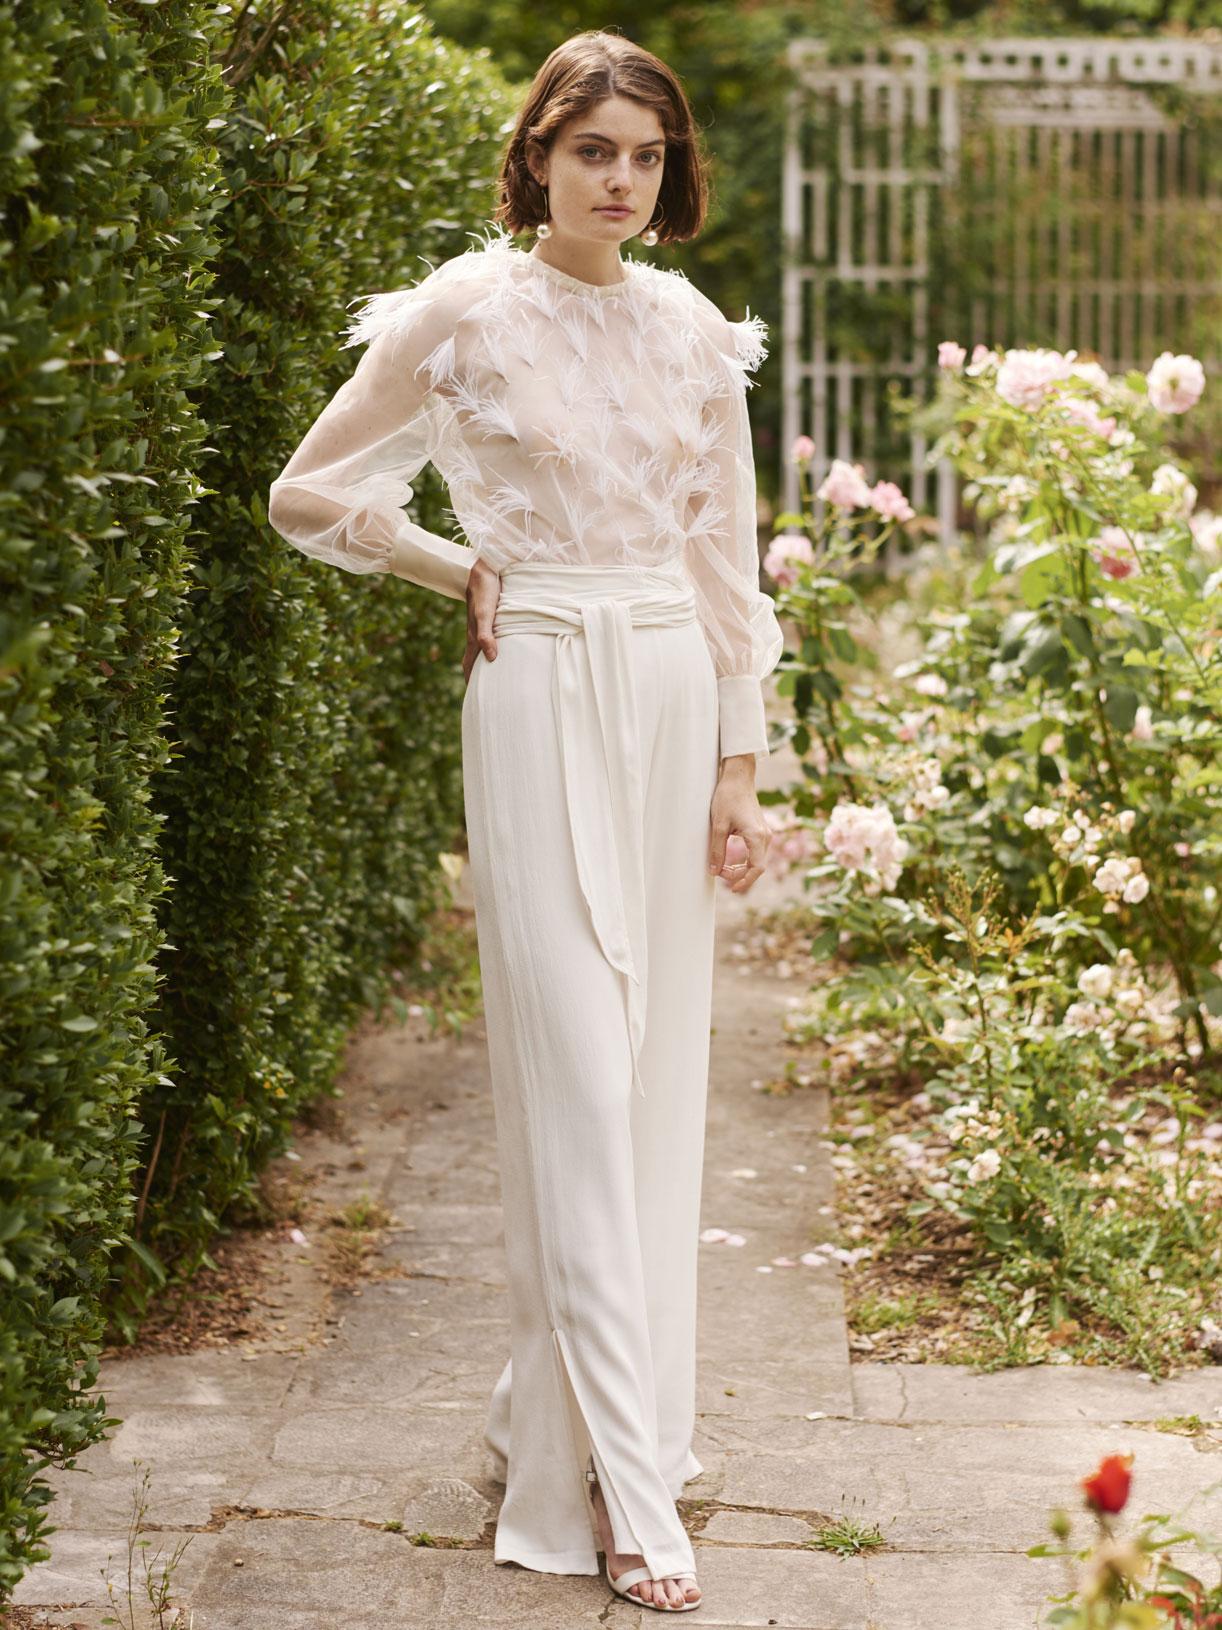 pantalon tailleur de mariée large écoresponsable - Creatrice de robe de mariée éthique et bio a Paris - Myphilosophy